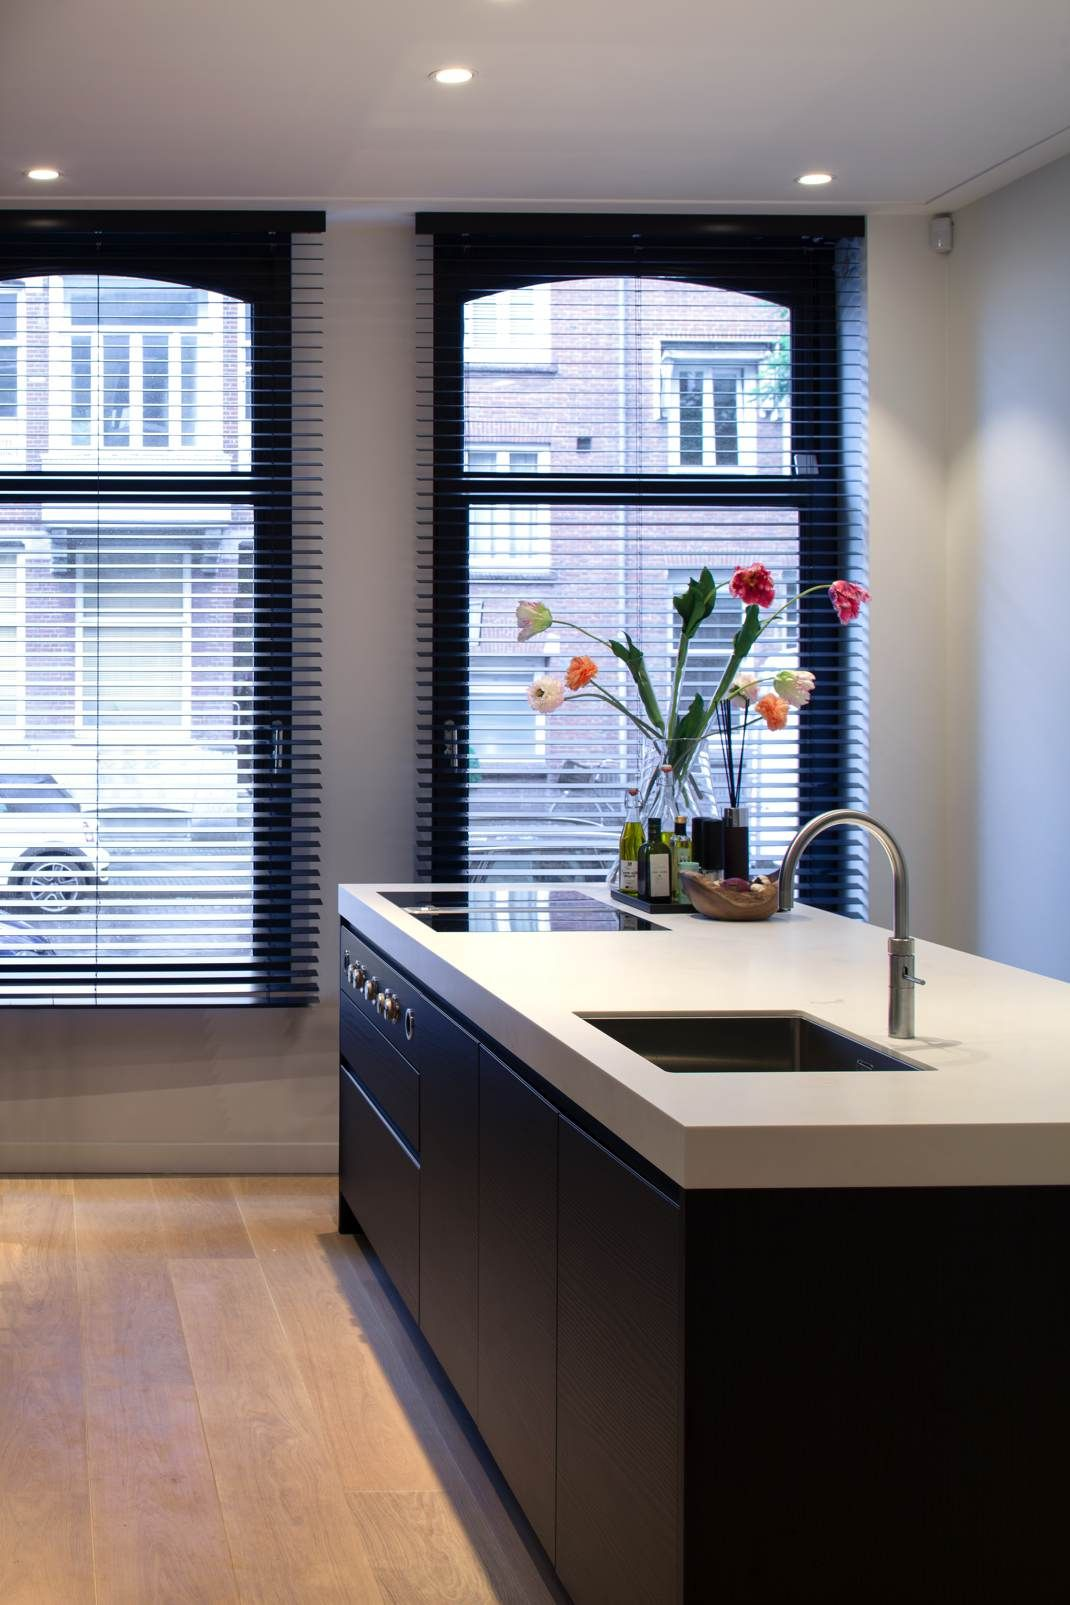 Clairz interior design cornelis schuytstraat amsterdam for Interieur design amsterdam